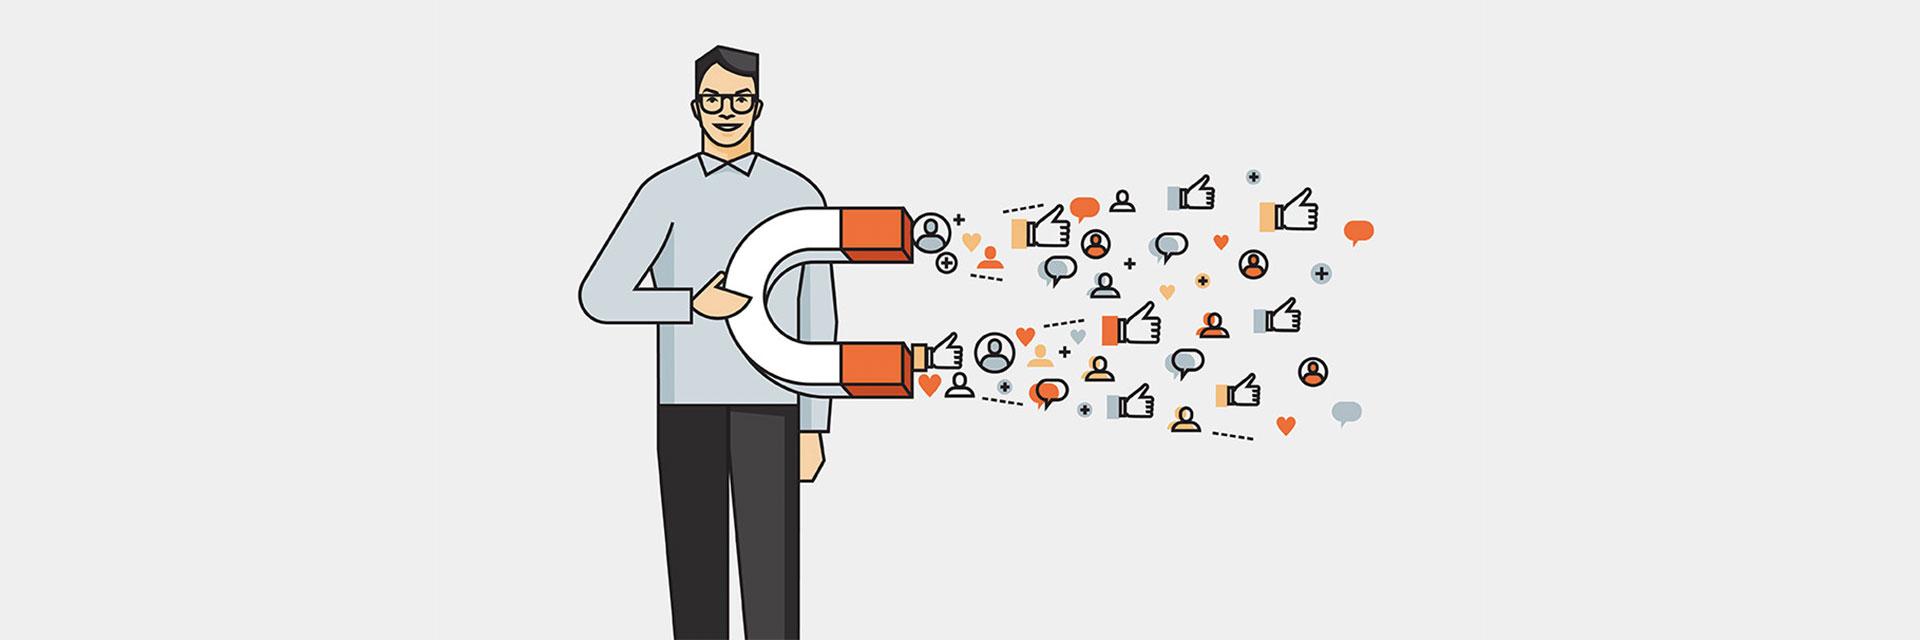 15个联系红人/KOL/Influencer邮件模板及建议,适用于Instagram/TikTok/YouTube等